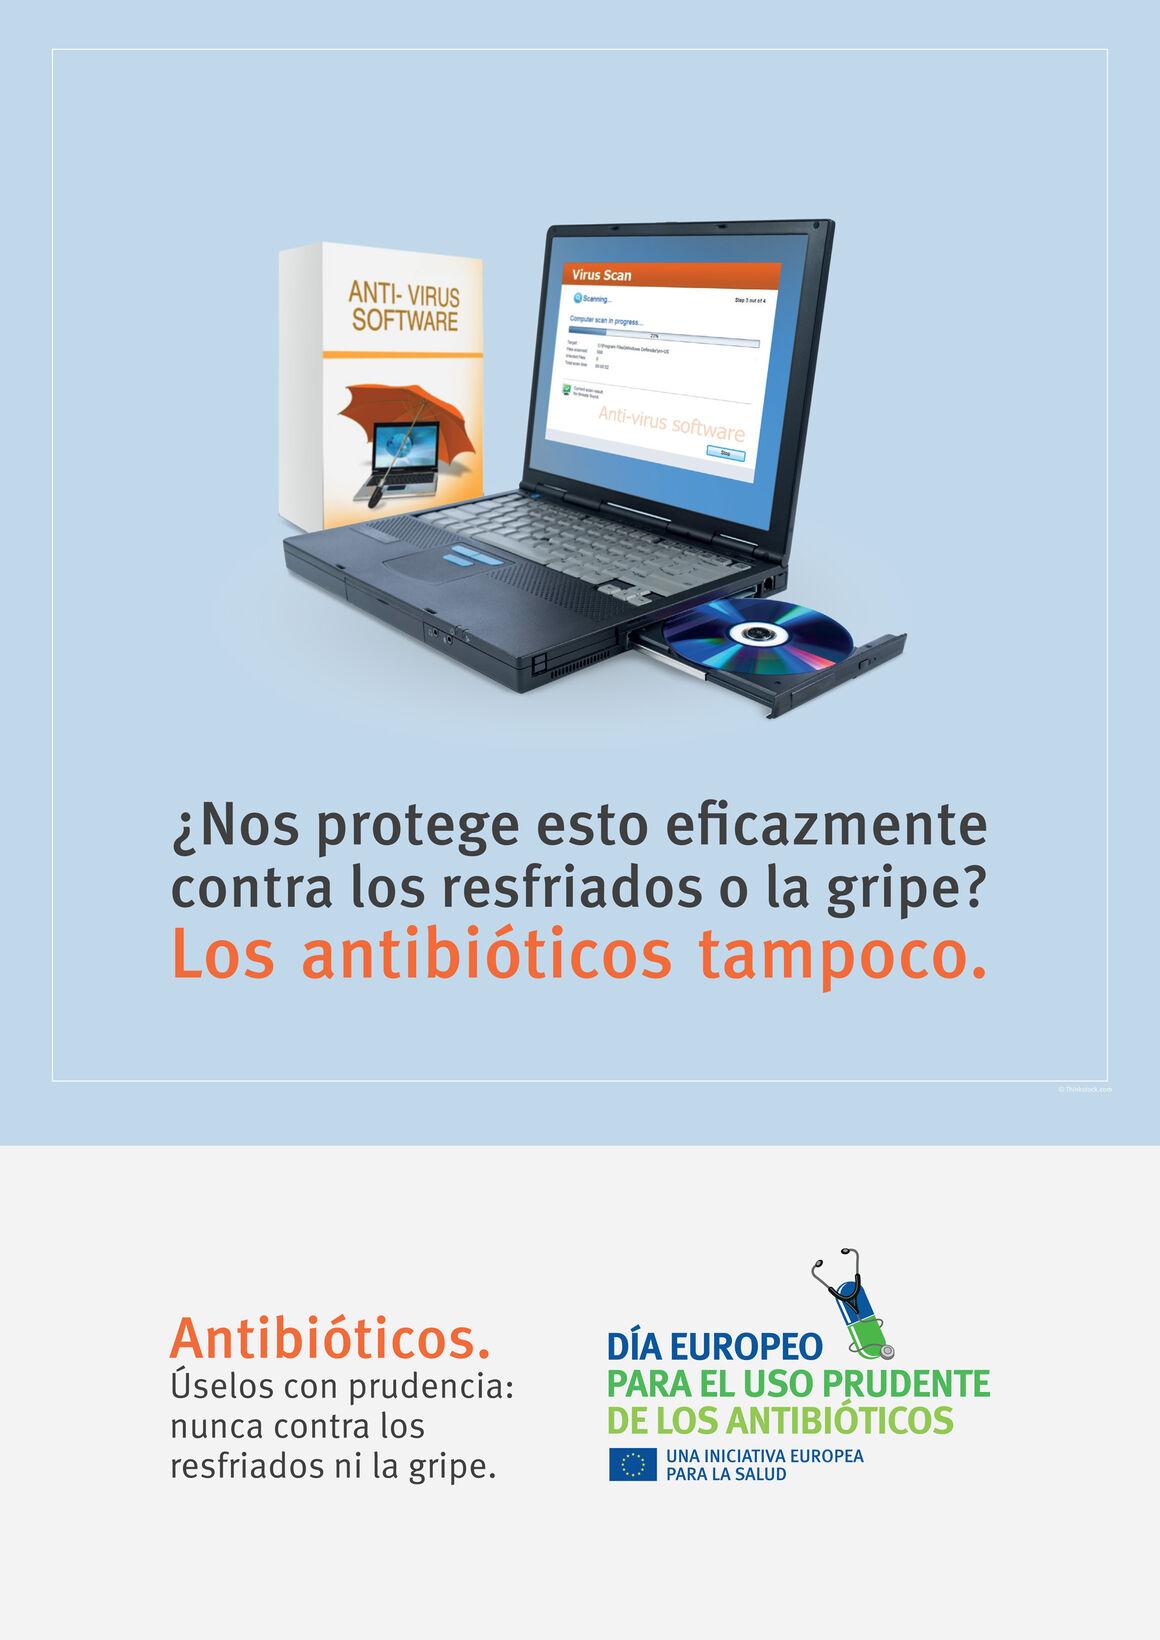 Carteles: ¿Nos protege esto eficazmente contra los resfriados o la gripe? Los antibióticos tampoco.